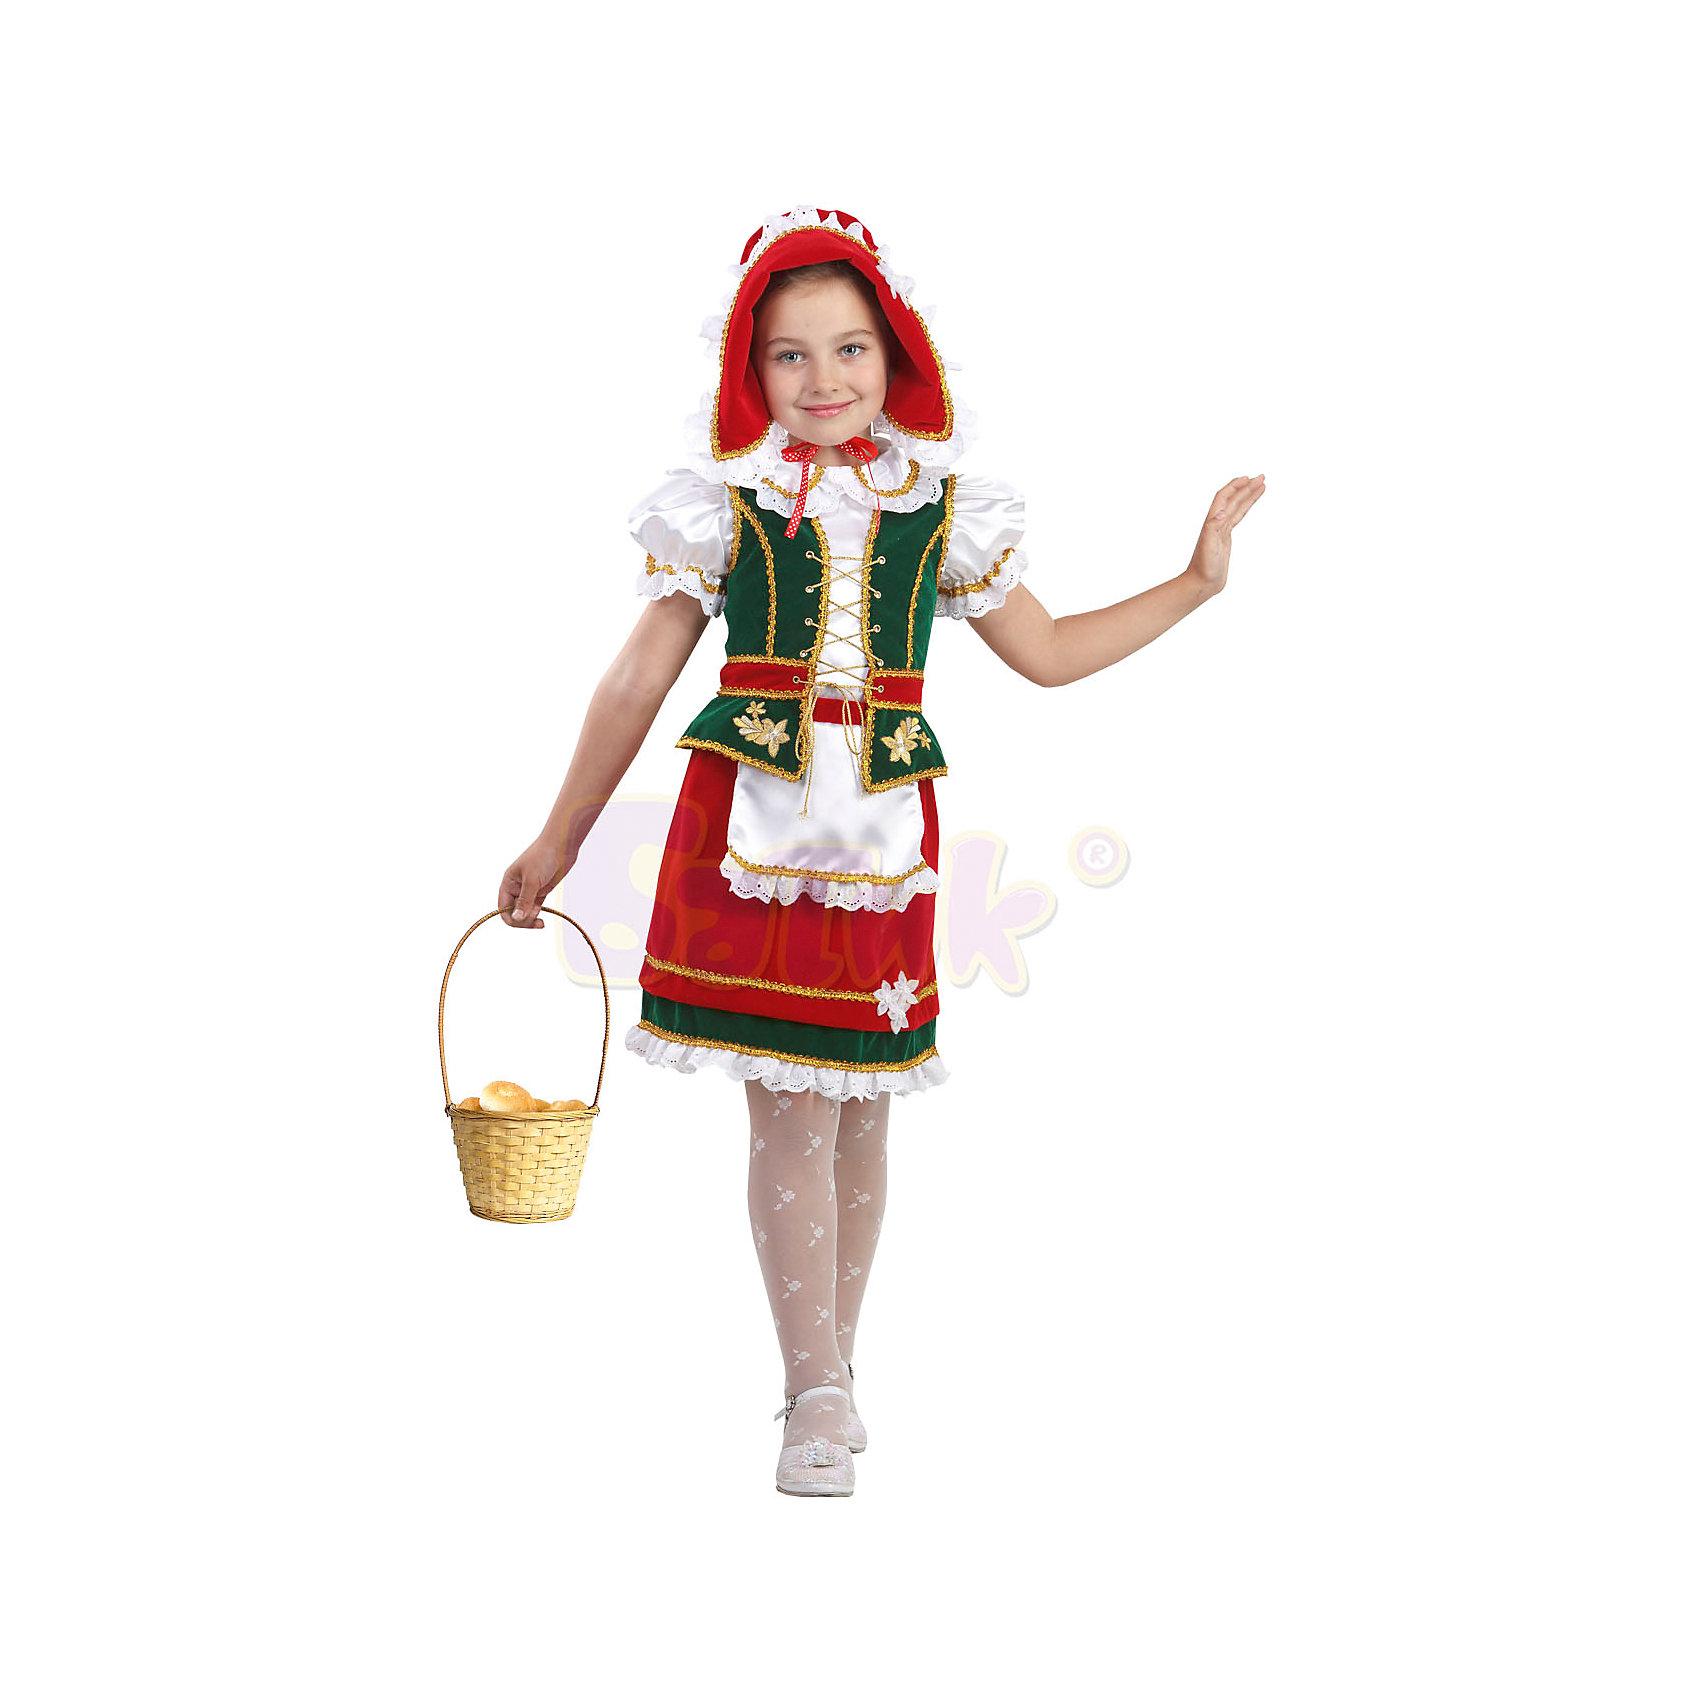 Батик Карнавальный костюм Красная шапочка Звездный маскарад, Батик батик карнавальный костюм дюймовочка